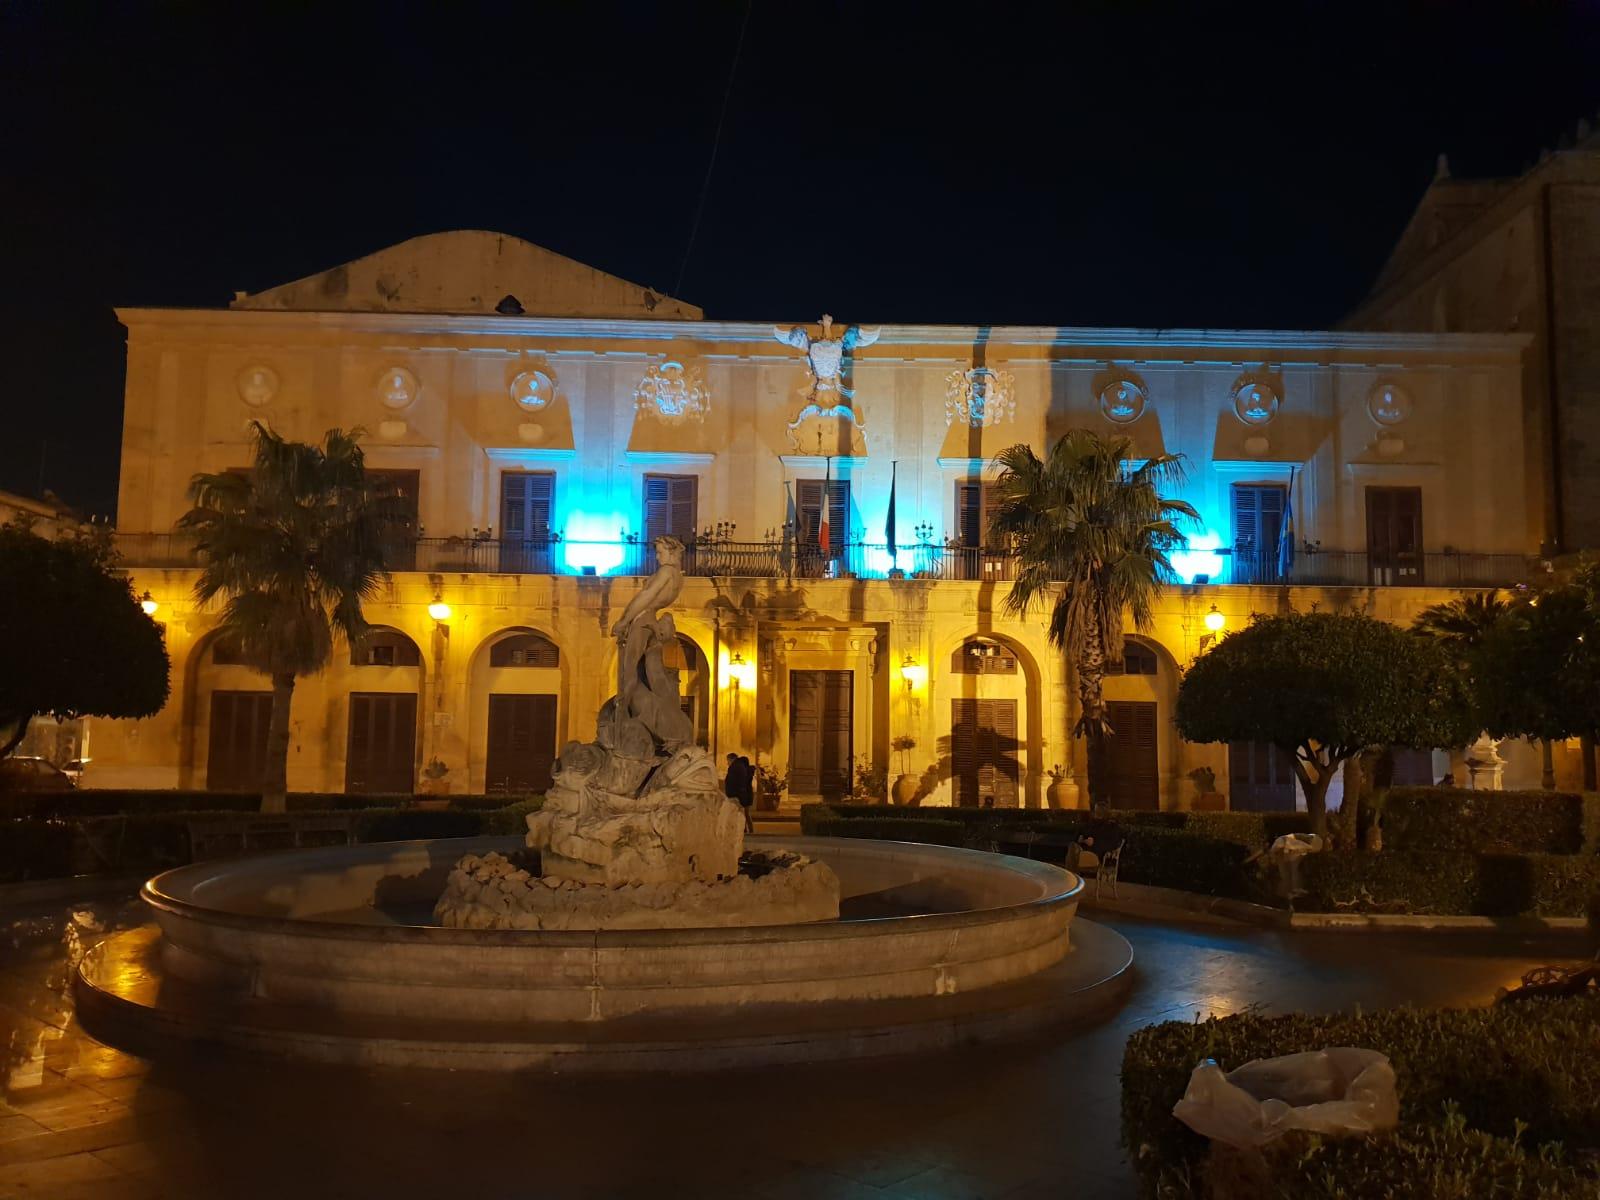 Giornata internazionale delle malattie rare. Il Palazzo di Città illuminato di blu.